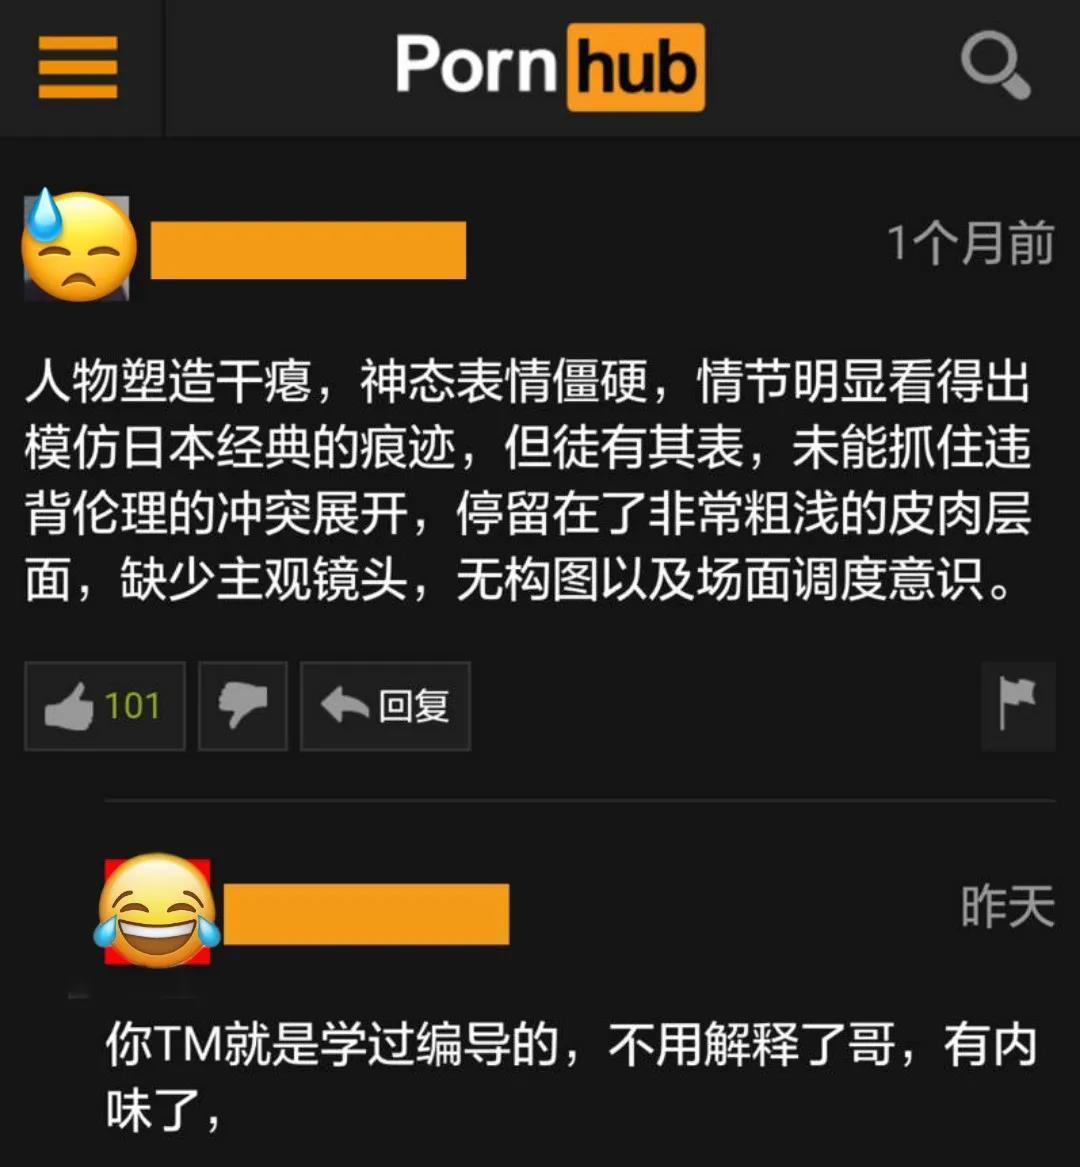 萌妹子Pornhub的图片 第3张